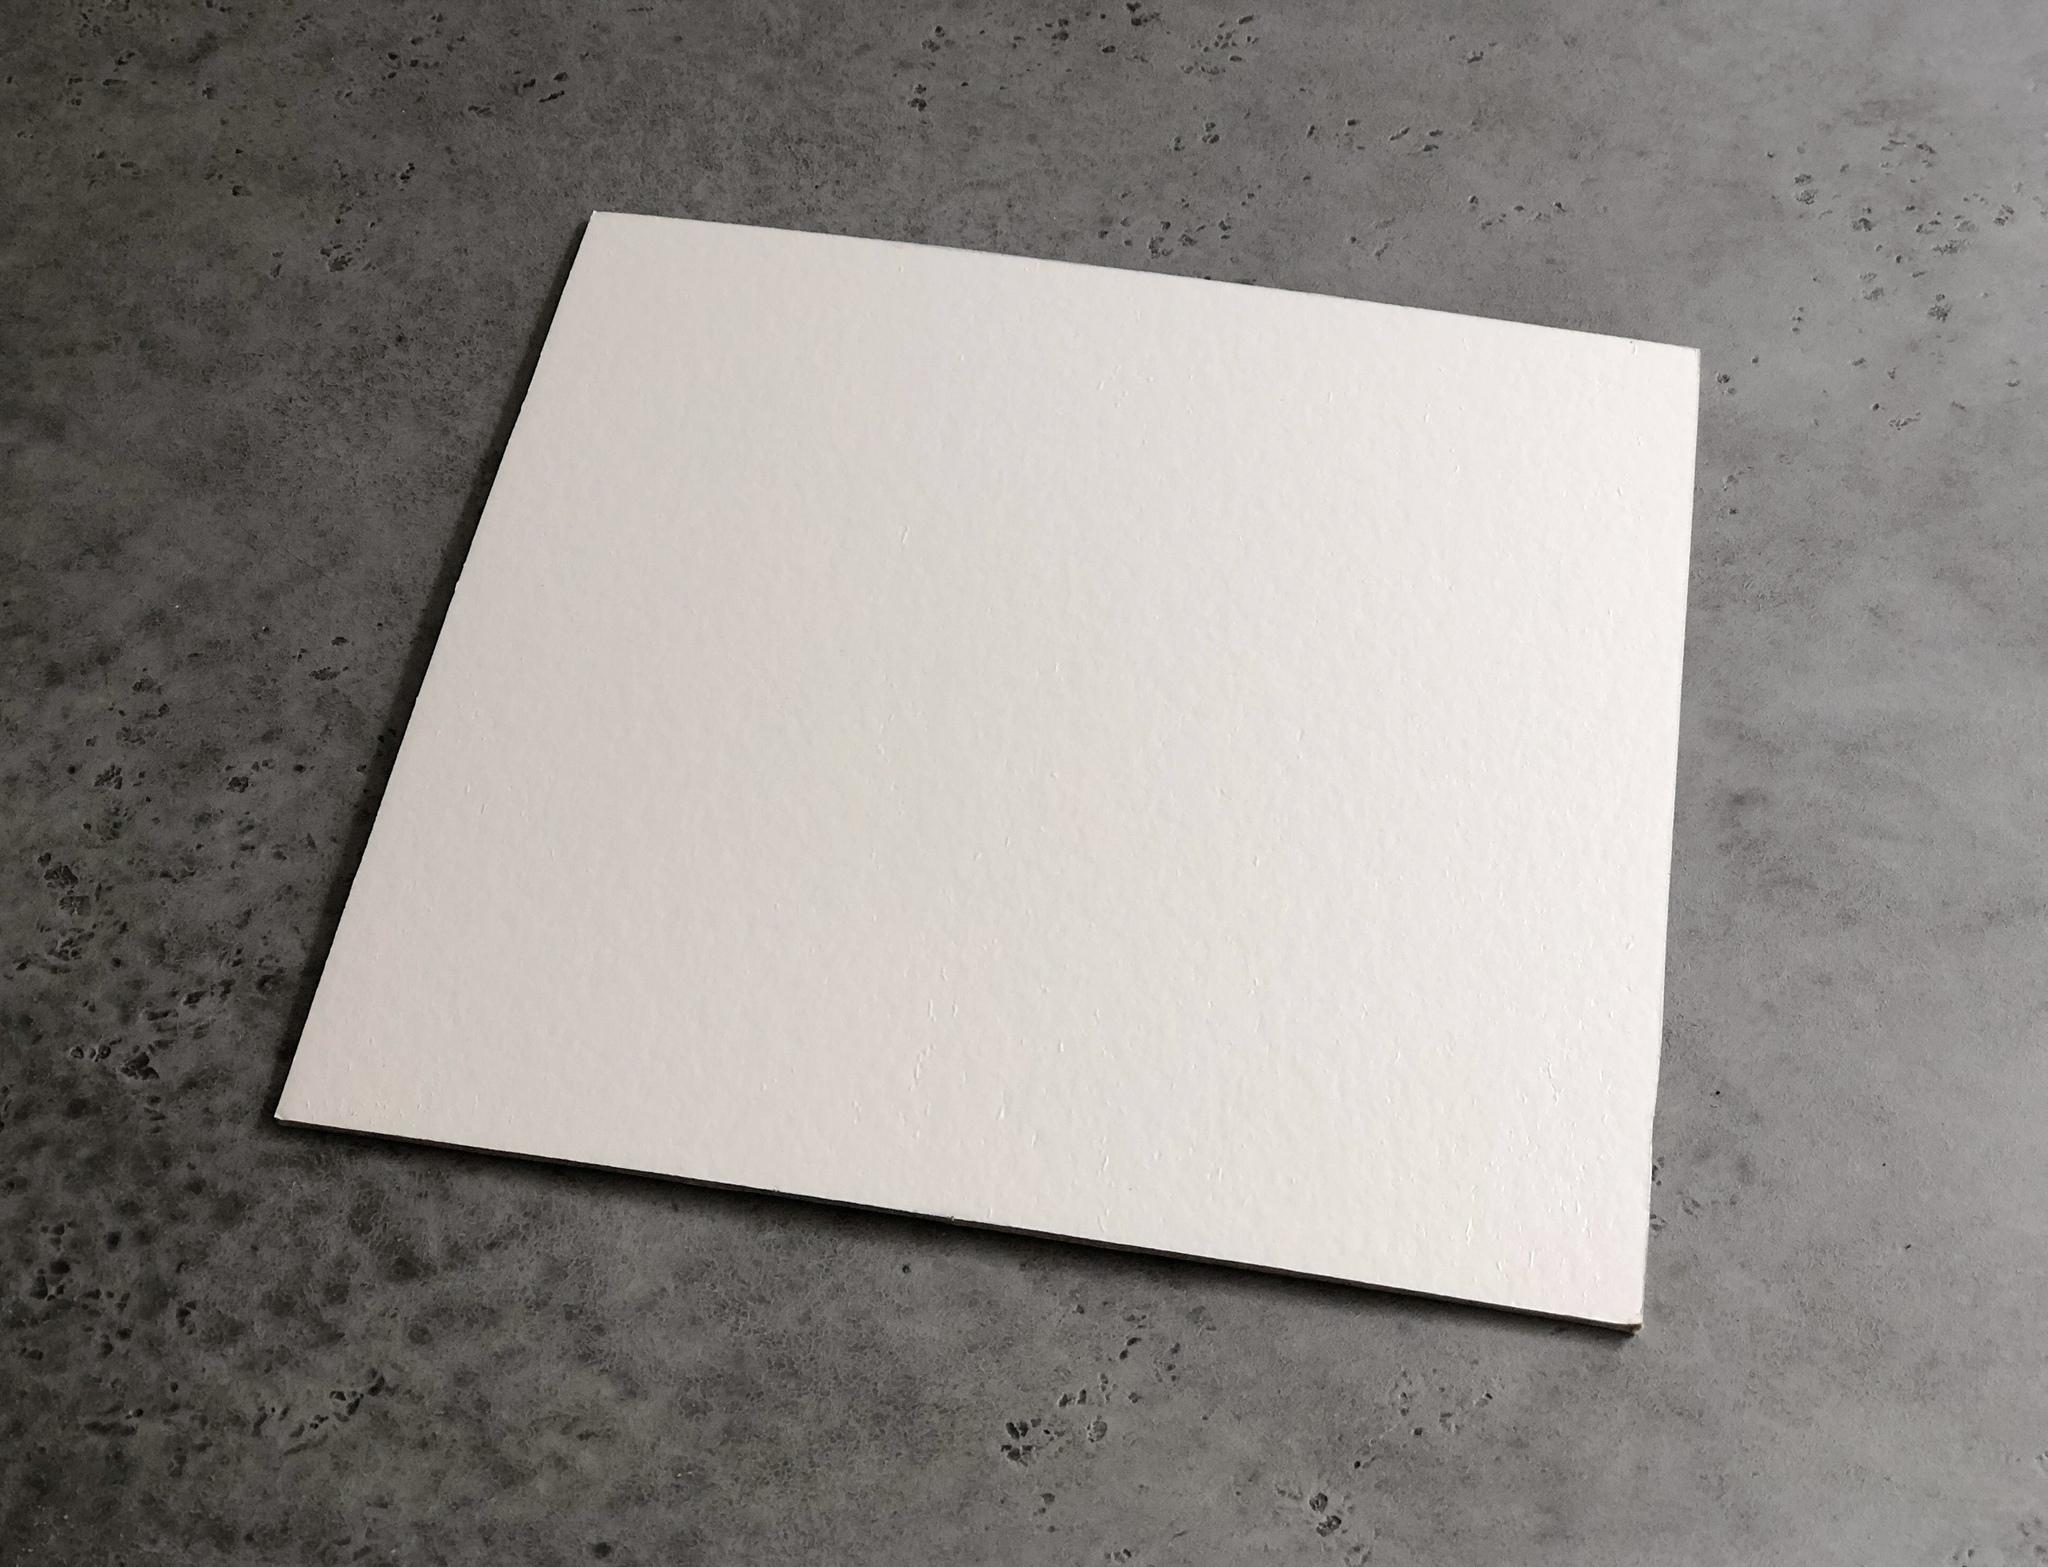 Подложка квадратная белая/черная 26 см, 3,2 мм